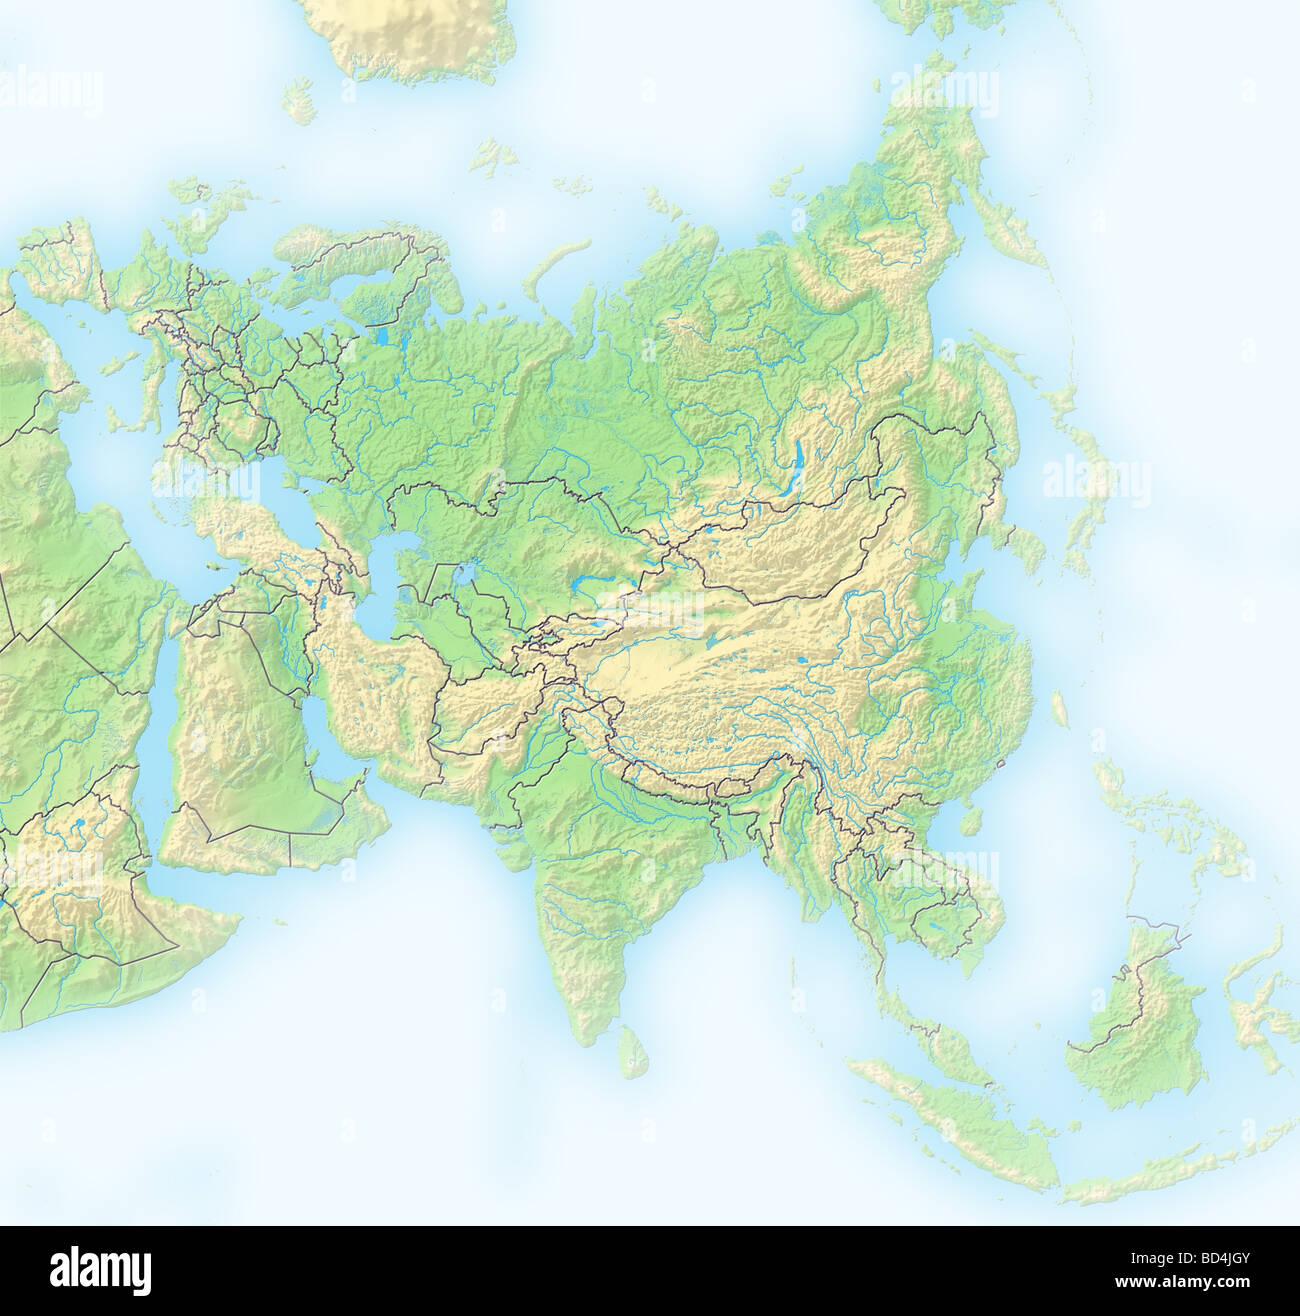 Asia Map Stock Photos & Asia Map Stock Images - Alamy